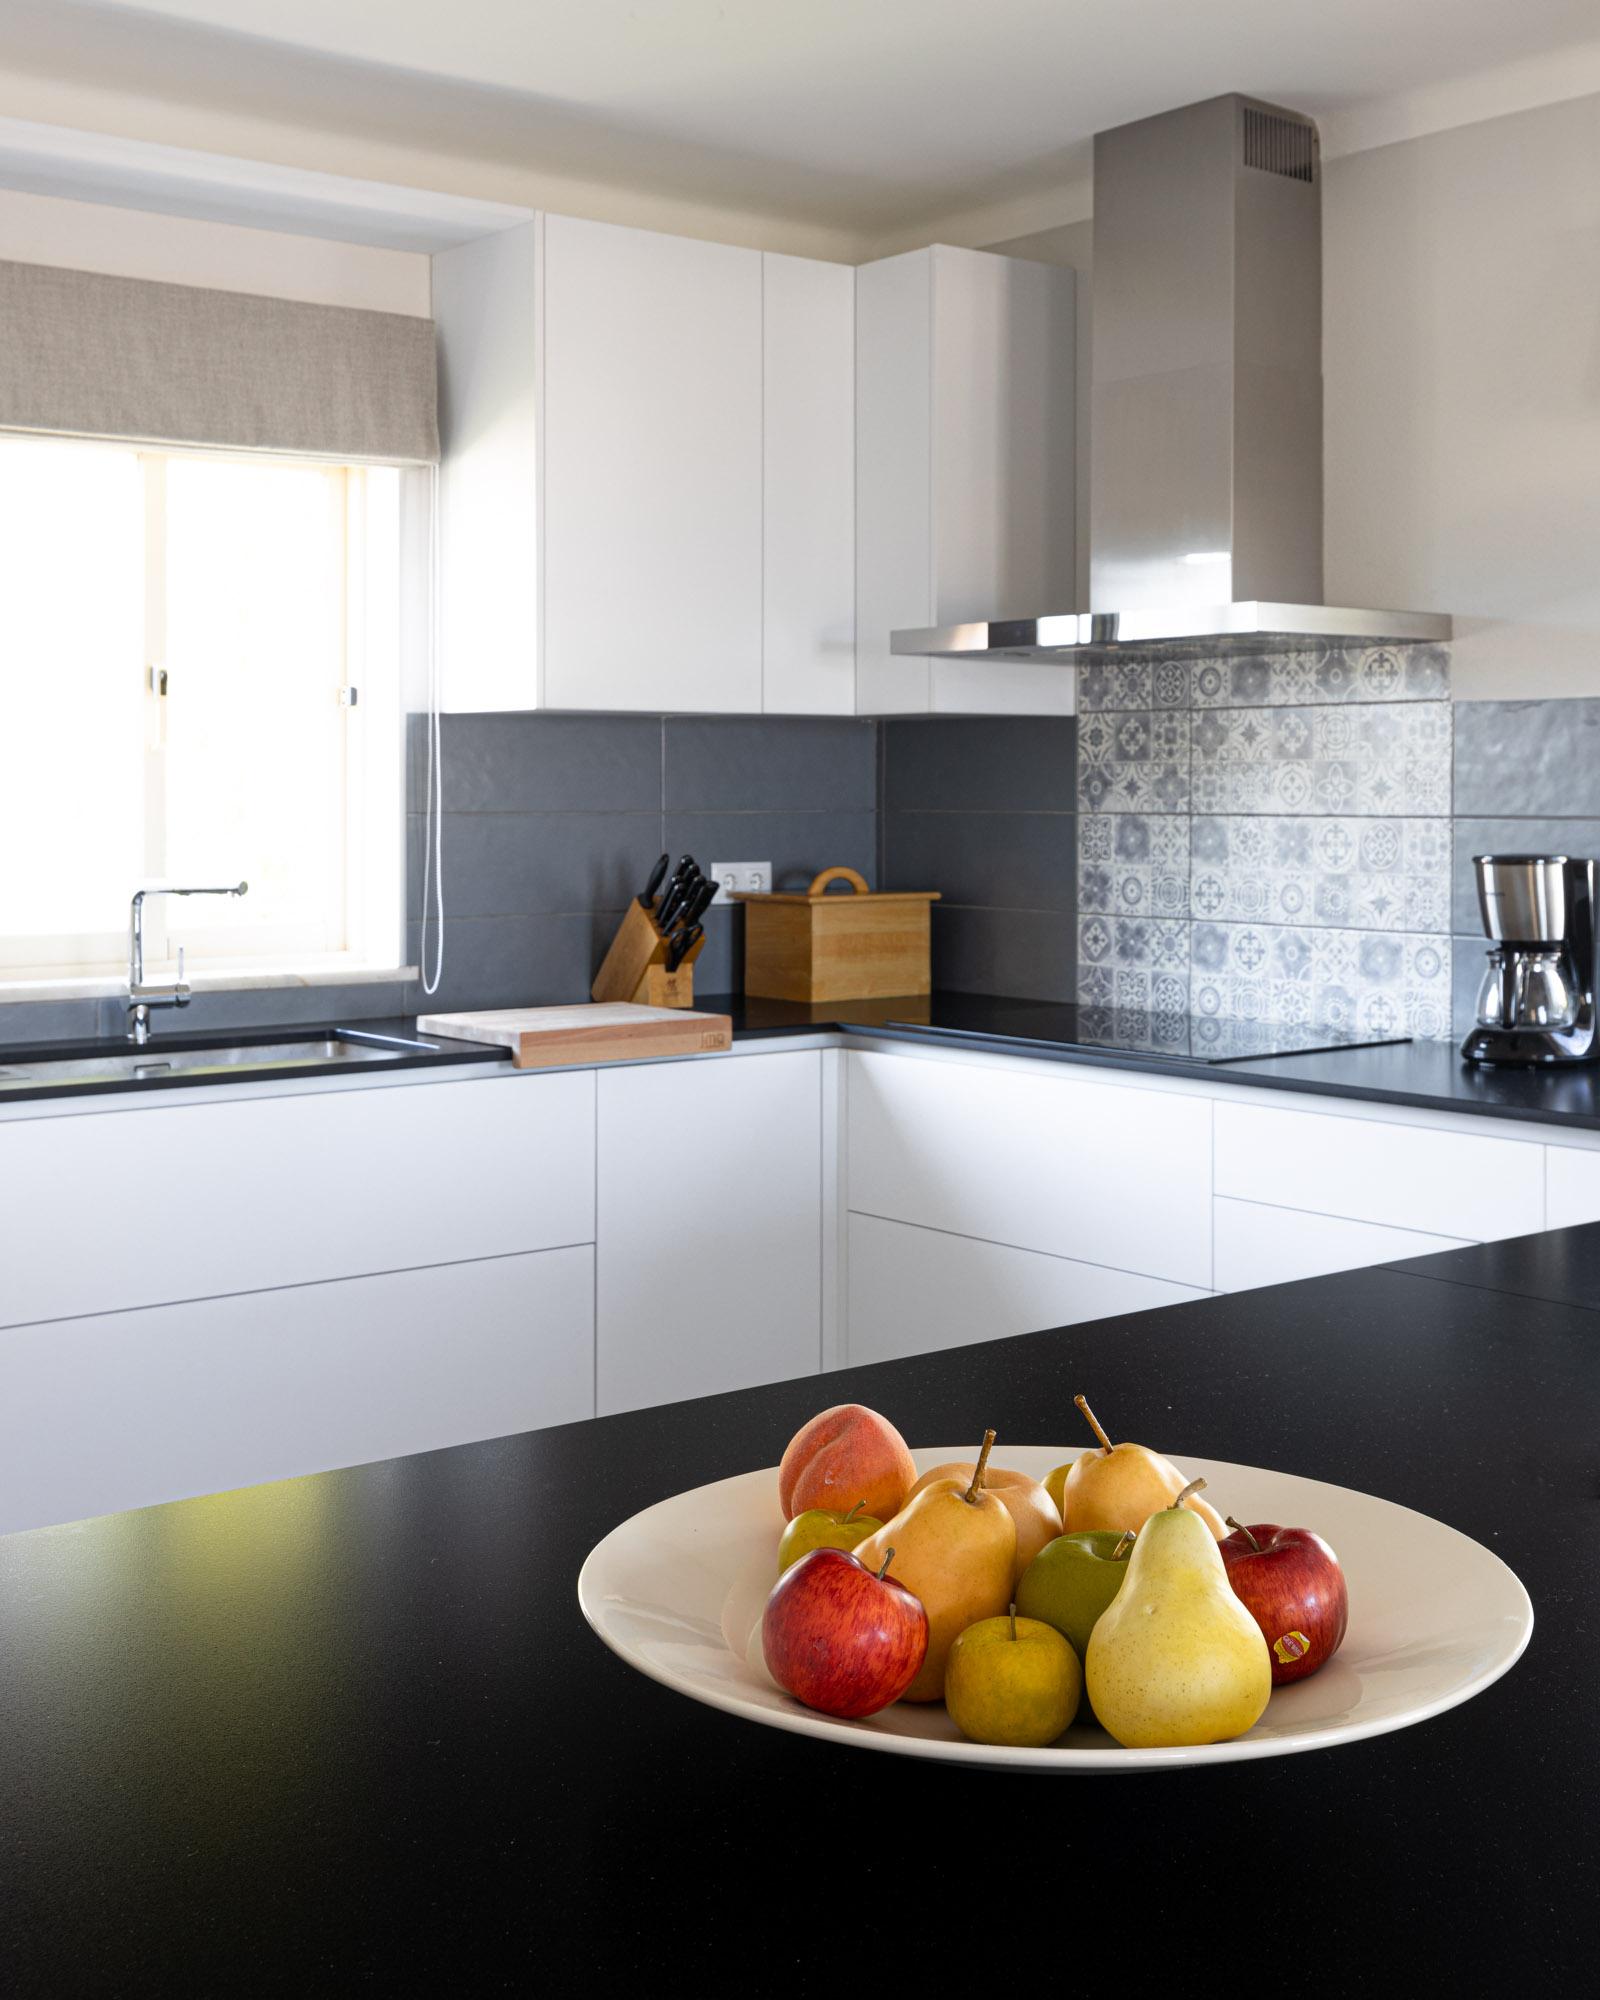 Cozinha JMQ em Supermatt branco com bancada em Silestone Negro Tebas suede e equipamentos Bosch